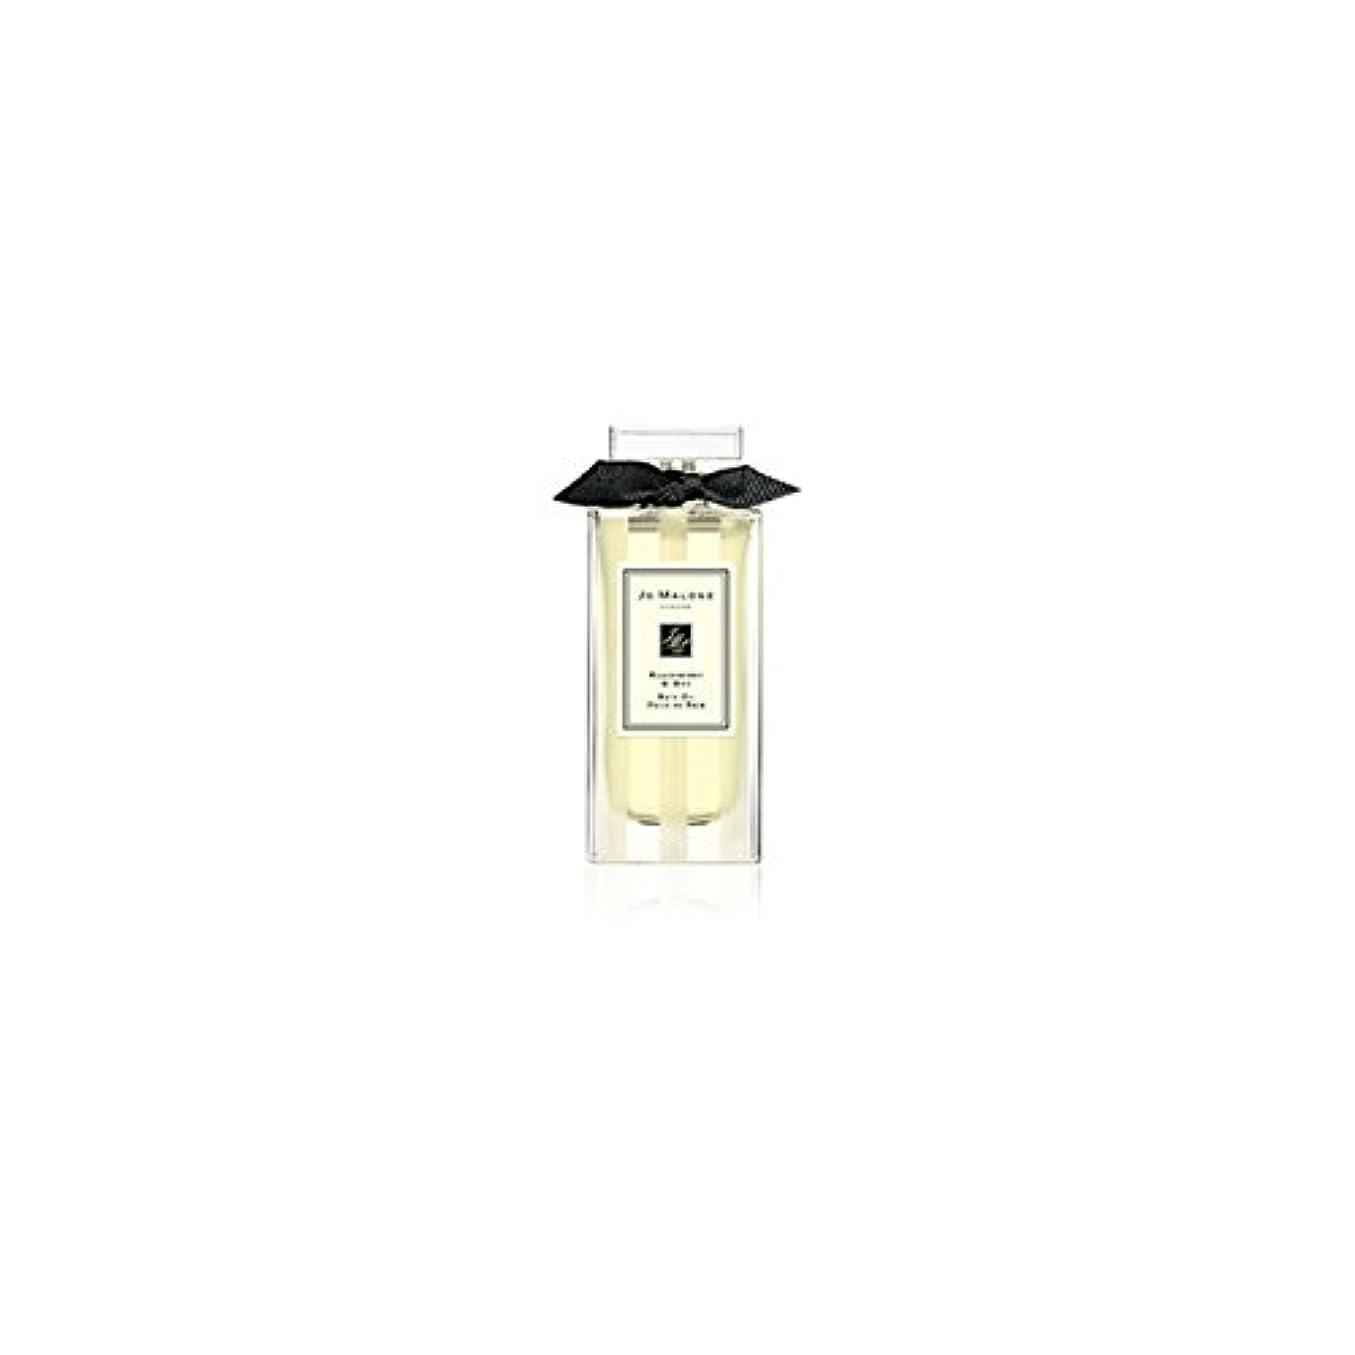 浅い申請中申請中Jo Malone Blackberry & Bay Bath Oil - 30ml (Pack of 2) - ジョーマローンブラックベリー&ベイバスオイル - 30ミリリットル (x2) [並行輸入品]